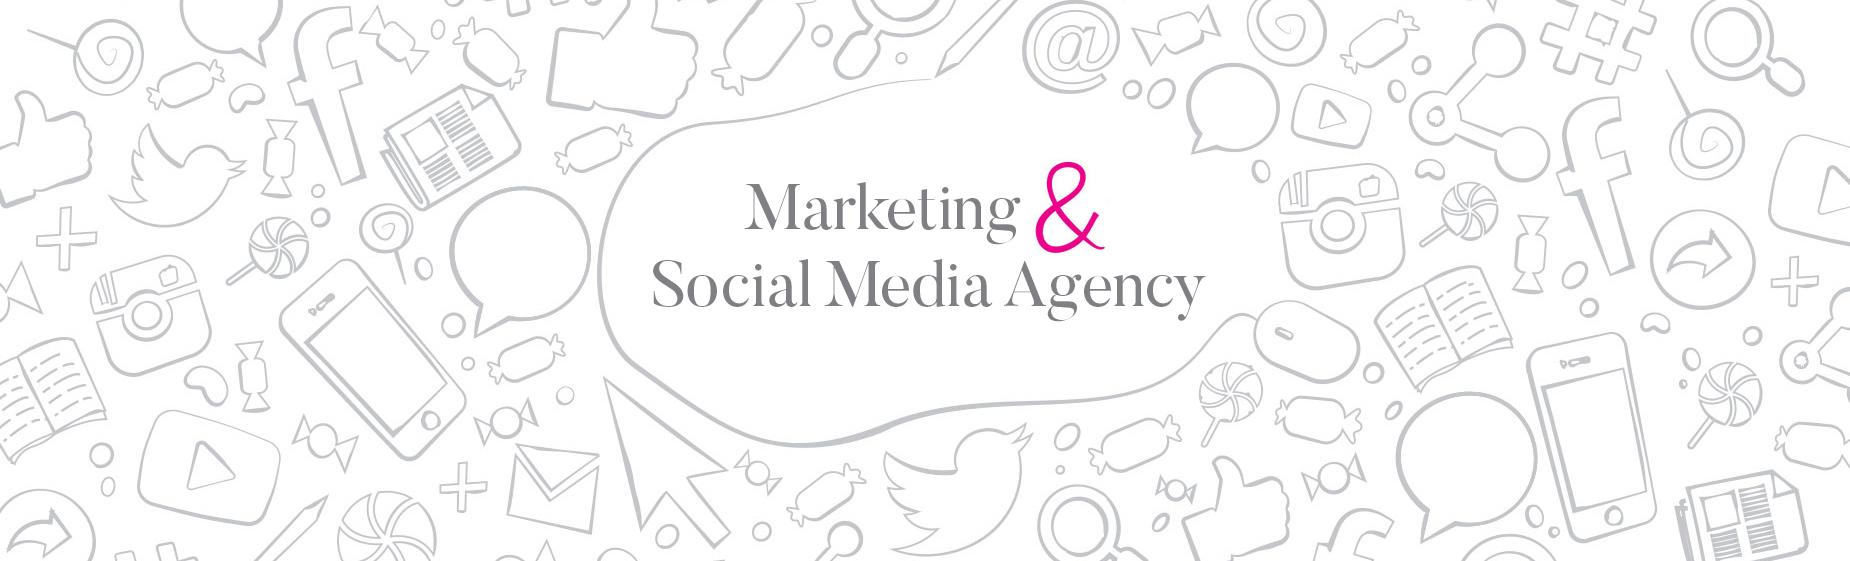 Marketing and Social Media Agency